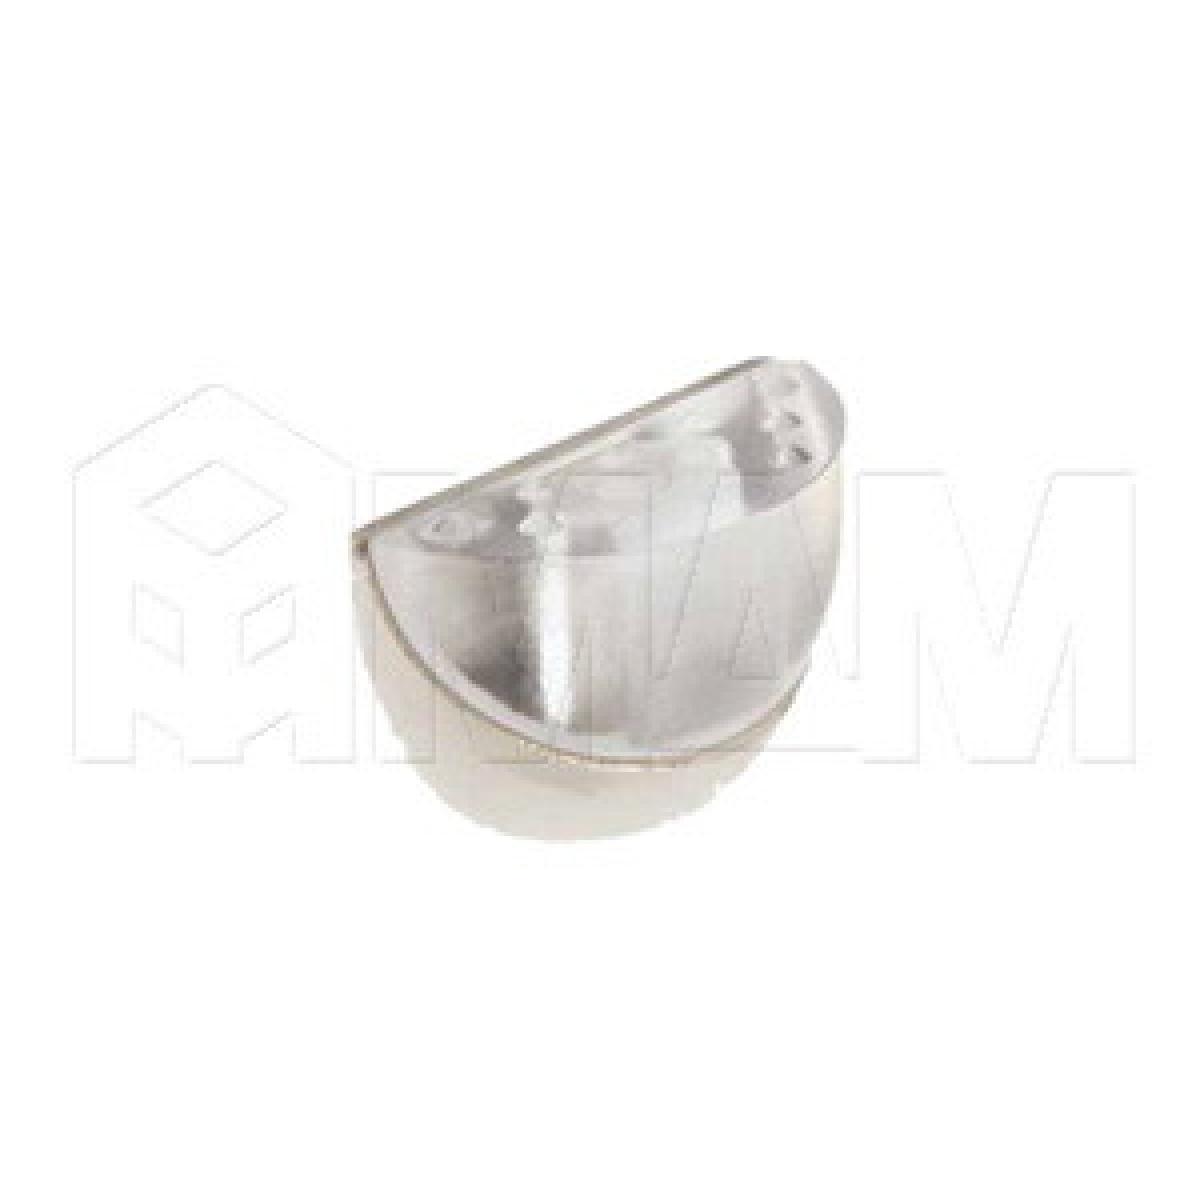 Полкодержатель DUO (никель/прозрачный)